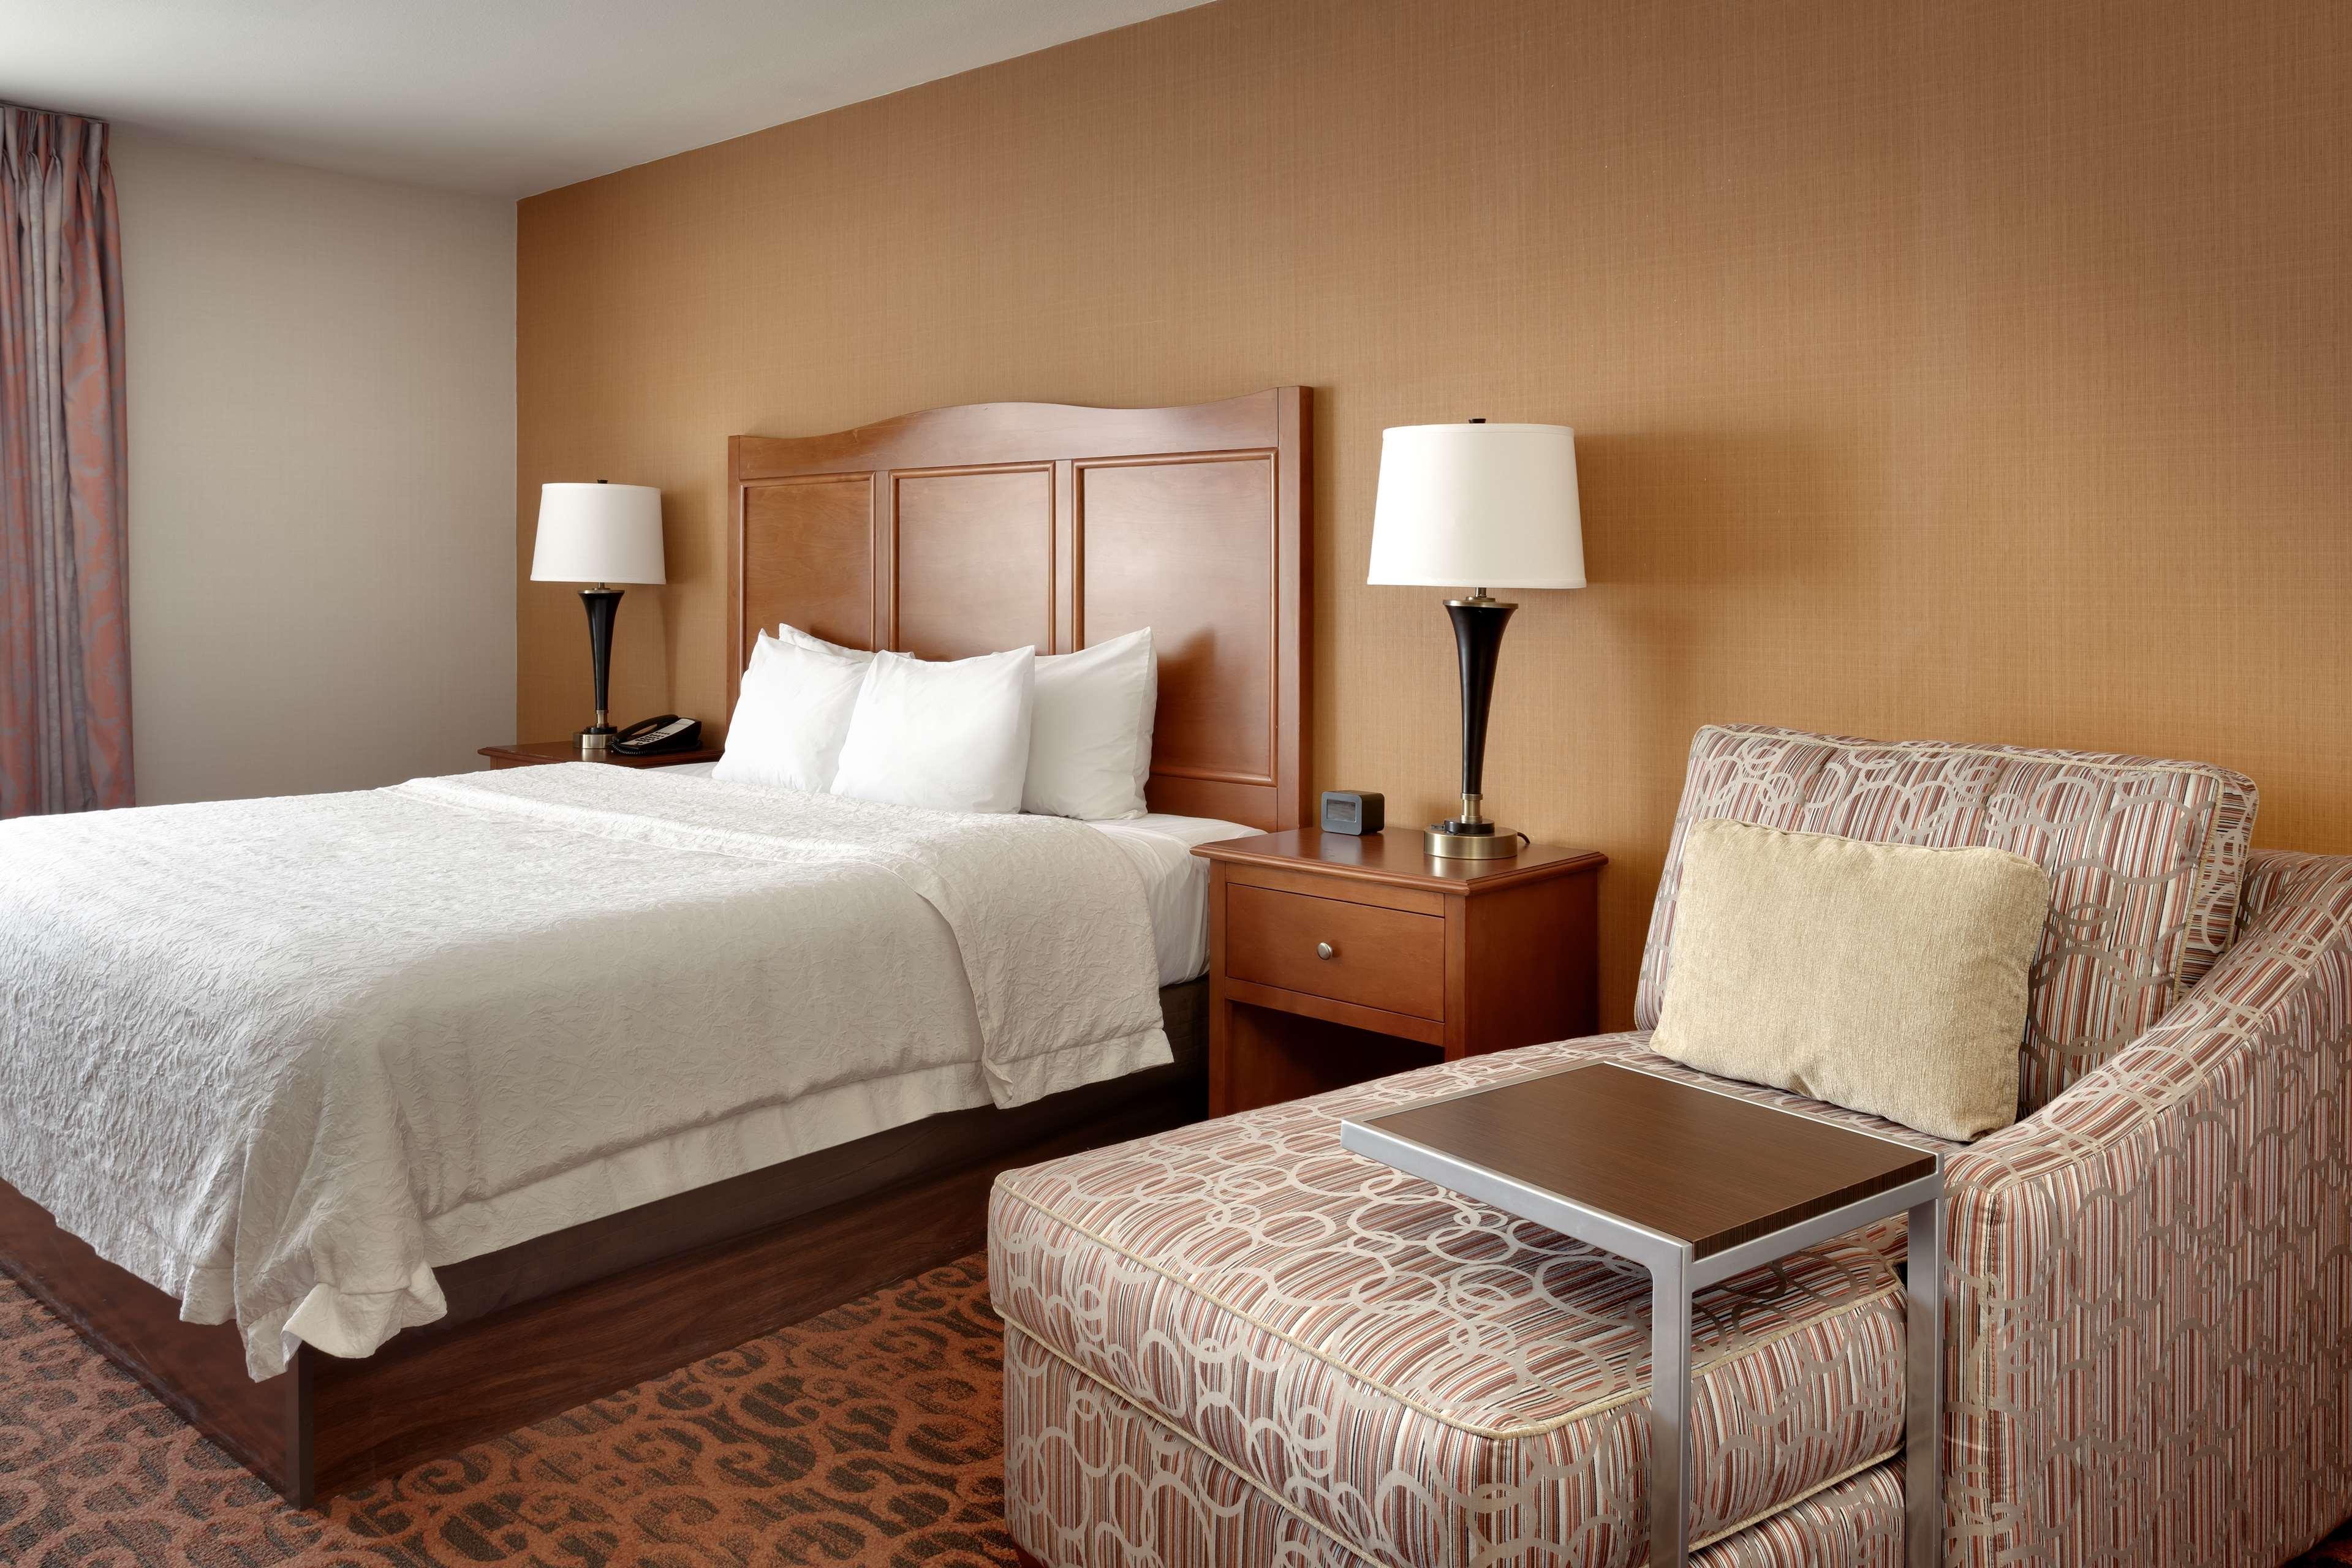 Hampton Inn & Suites Orem image 14